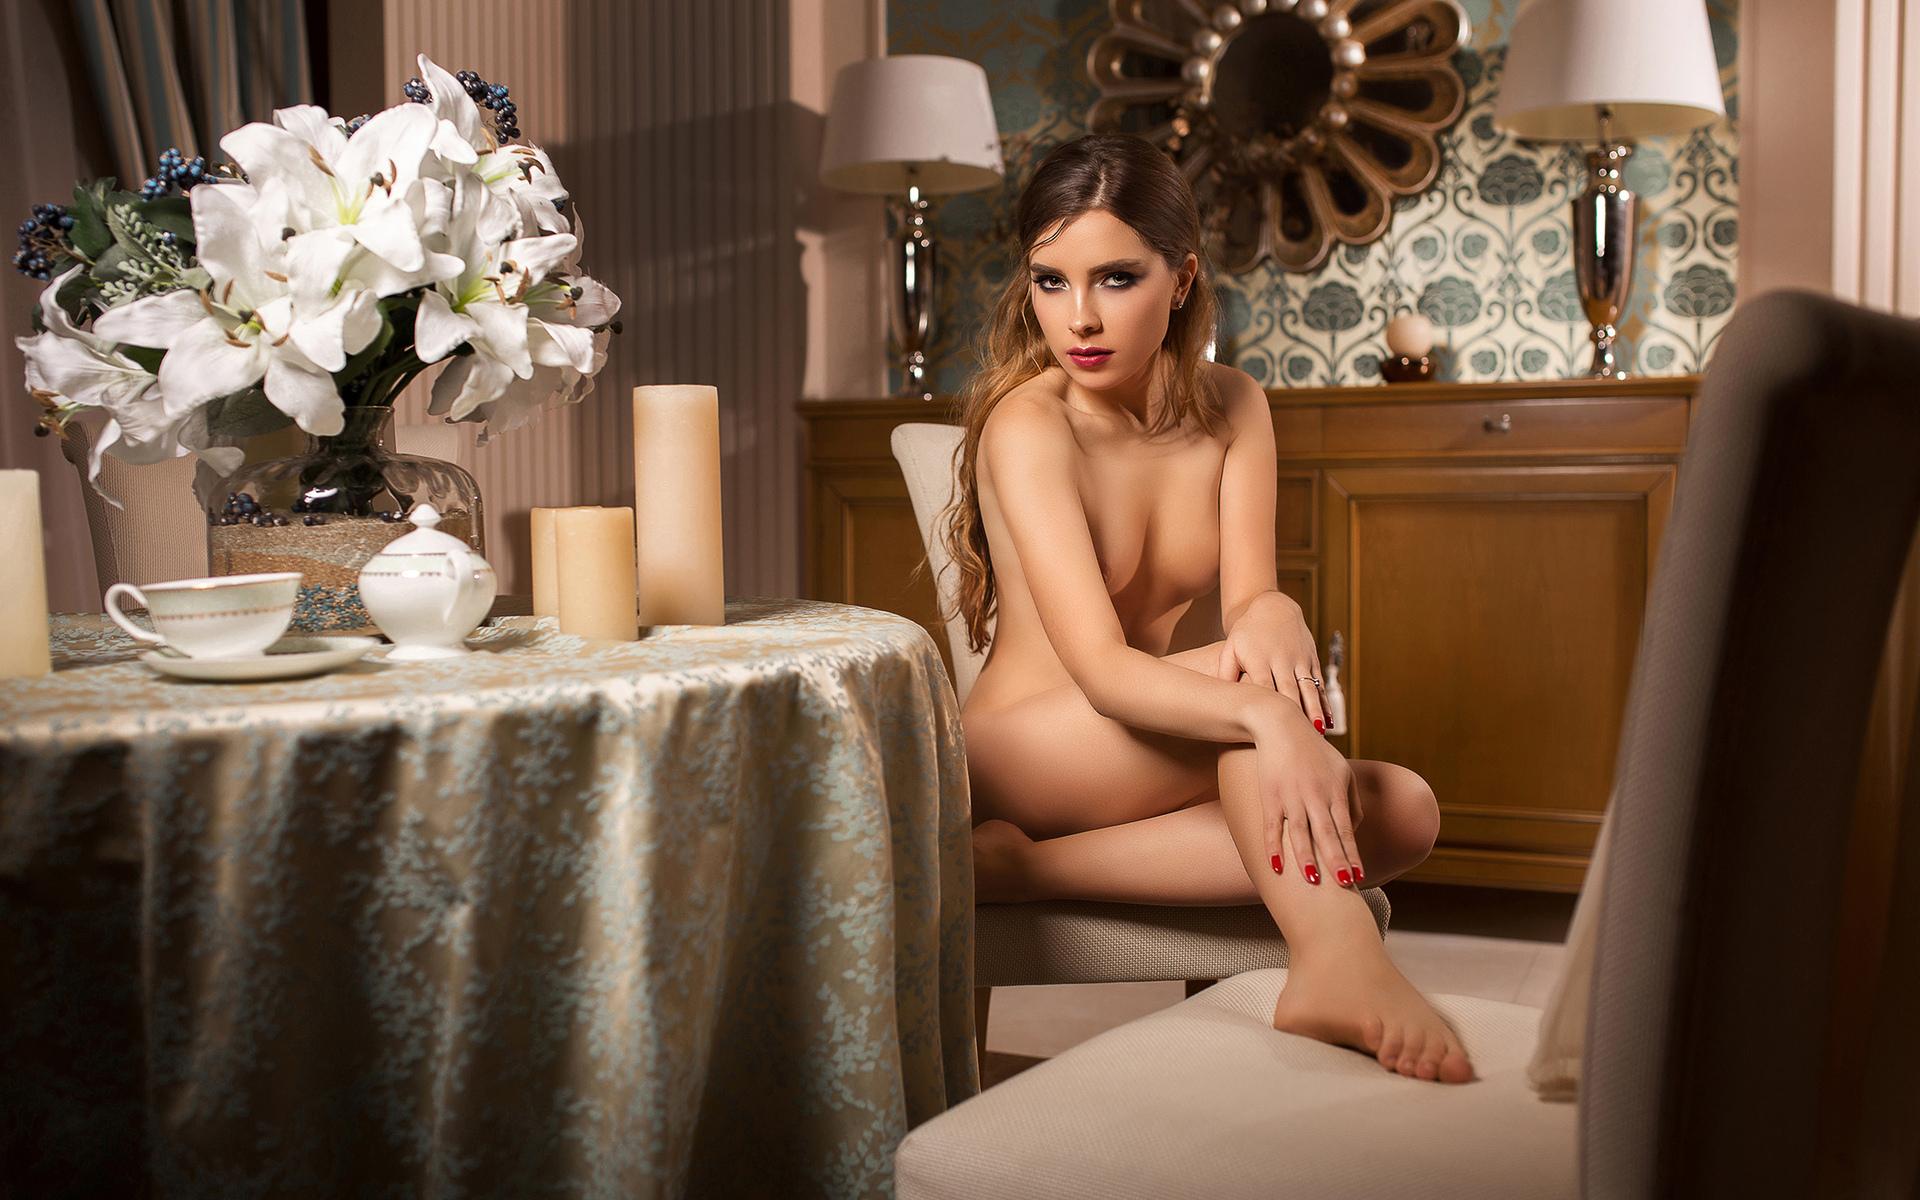 russkie-eroticheskie-filmi-s-professionalnimi-modelyami-russkie